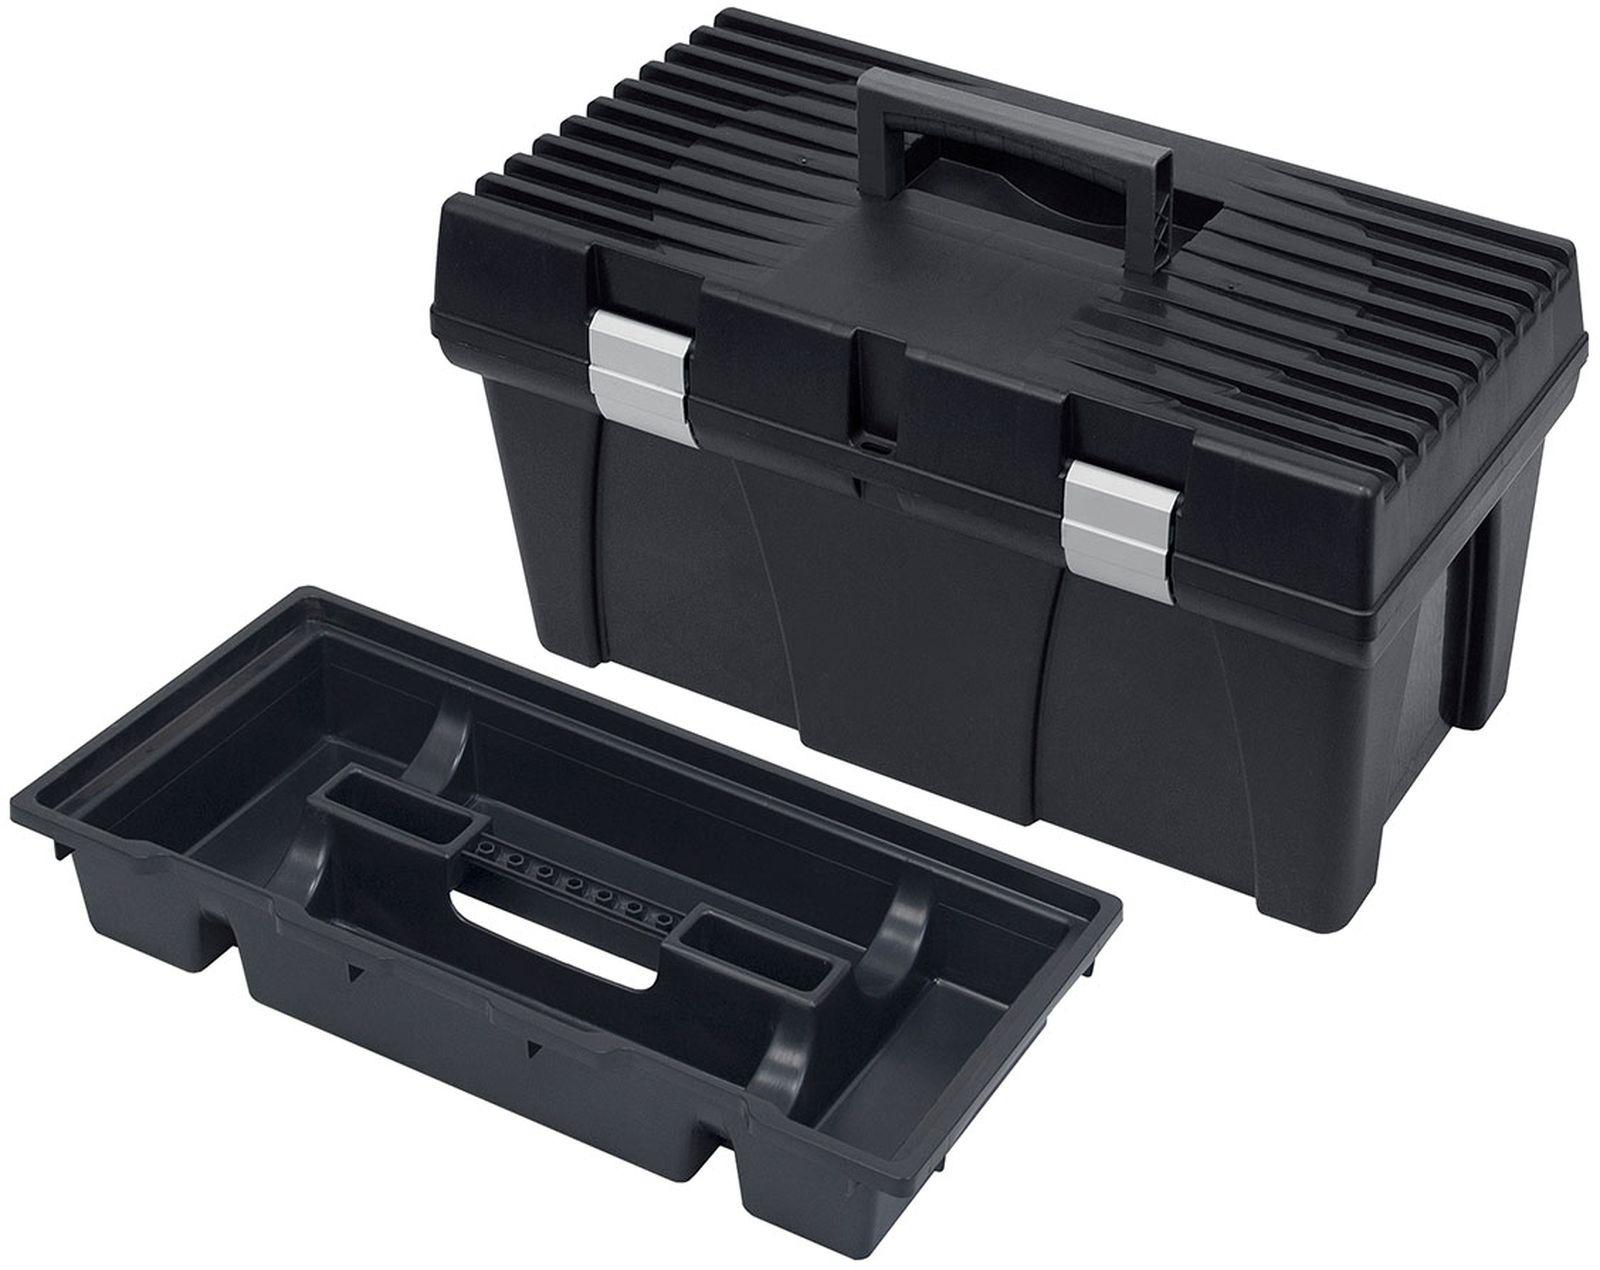 Ящик для инструментов Patrol Stuff, 146176, черный, 60 х 34 32 см